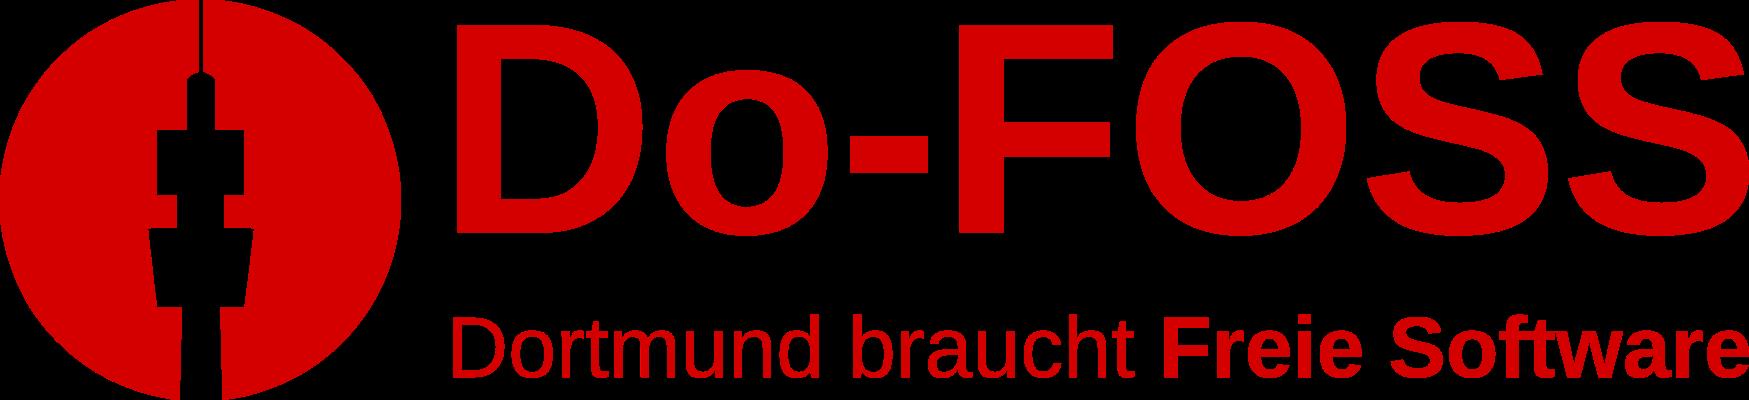 OpenFlorian_Dortmund_braucht_Freie_Software-400